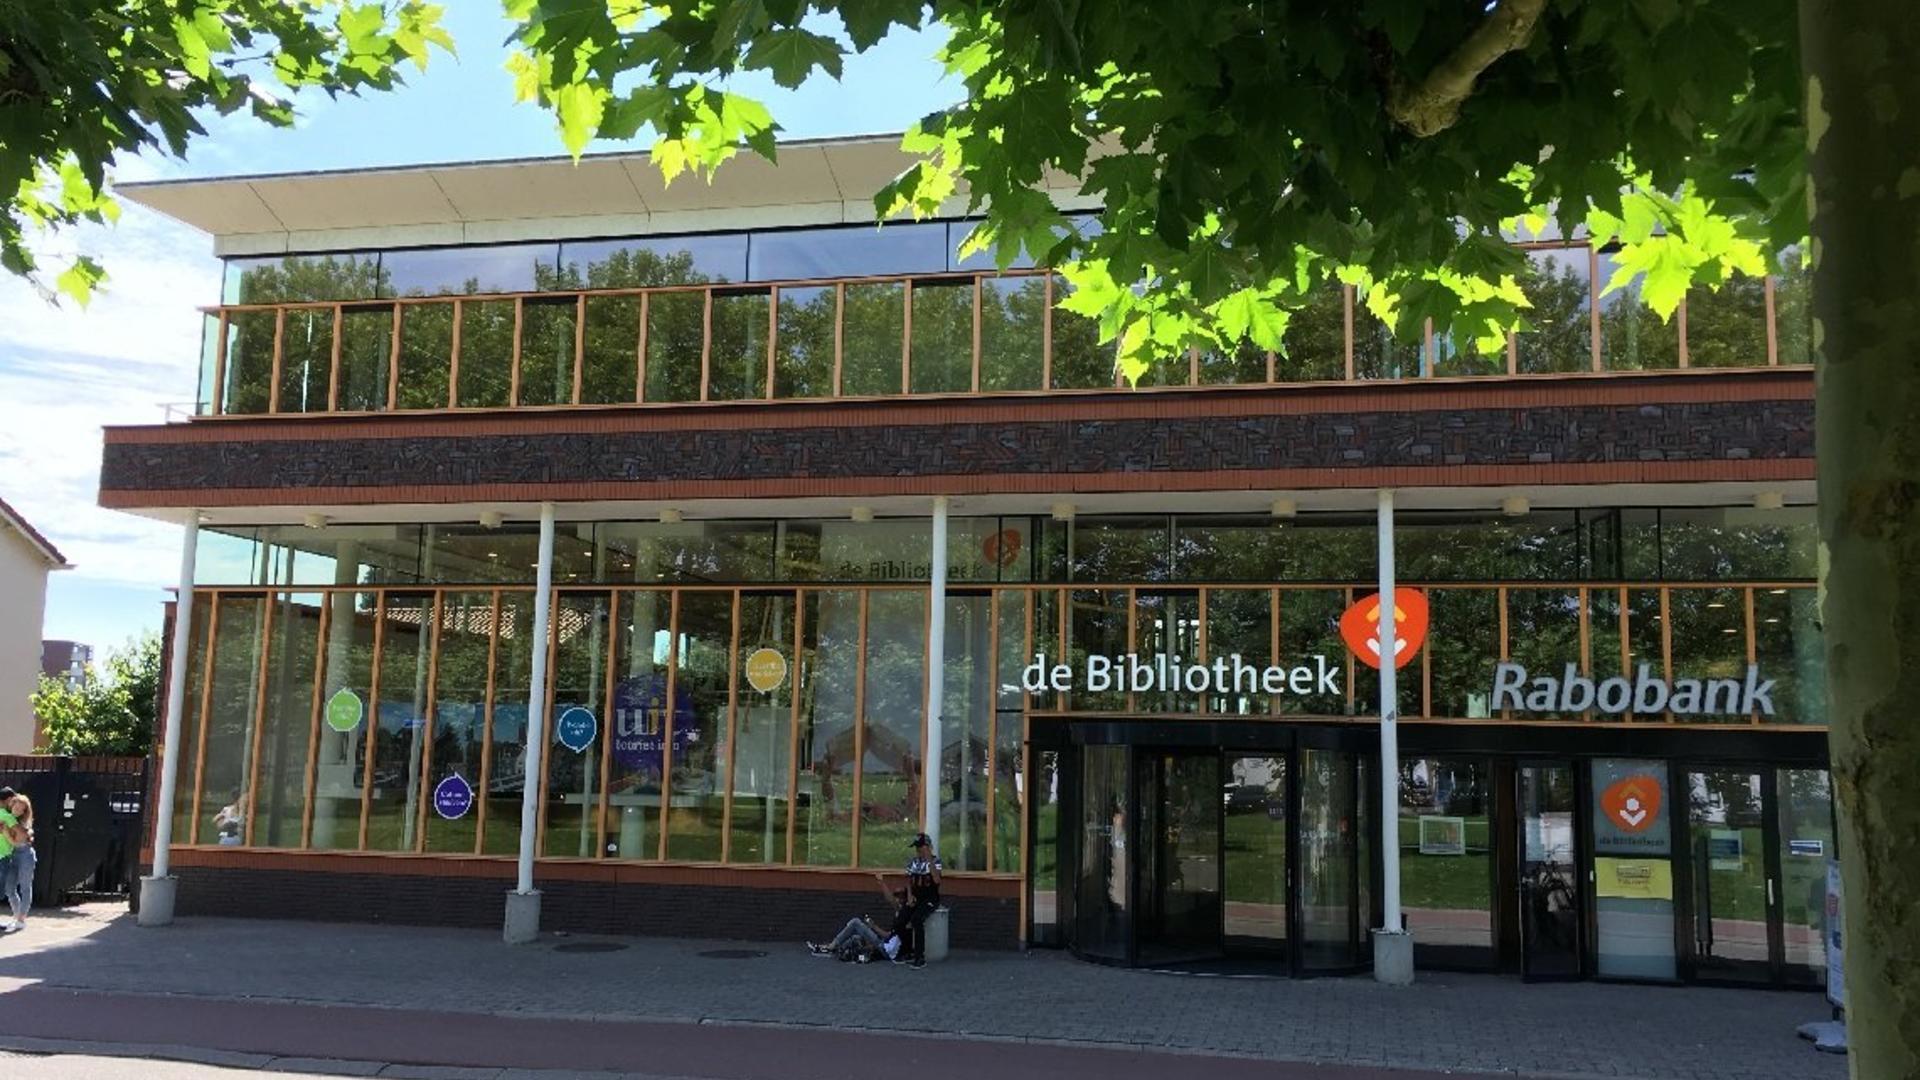 bibliotheek-gebouw1.jpg